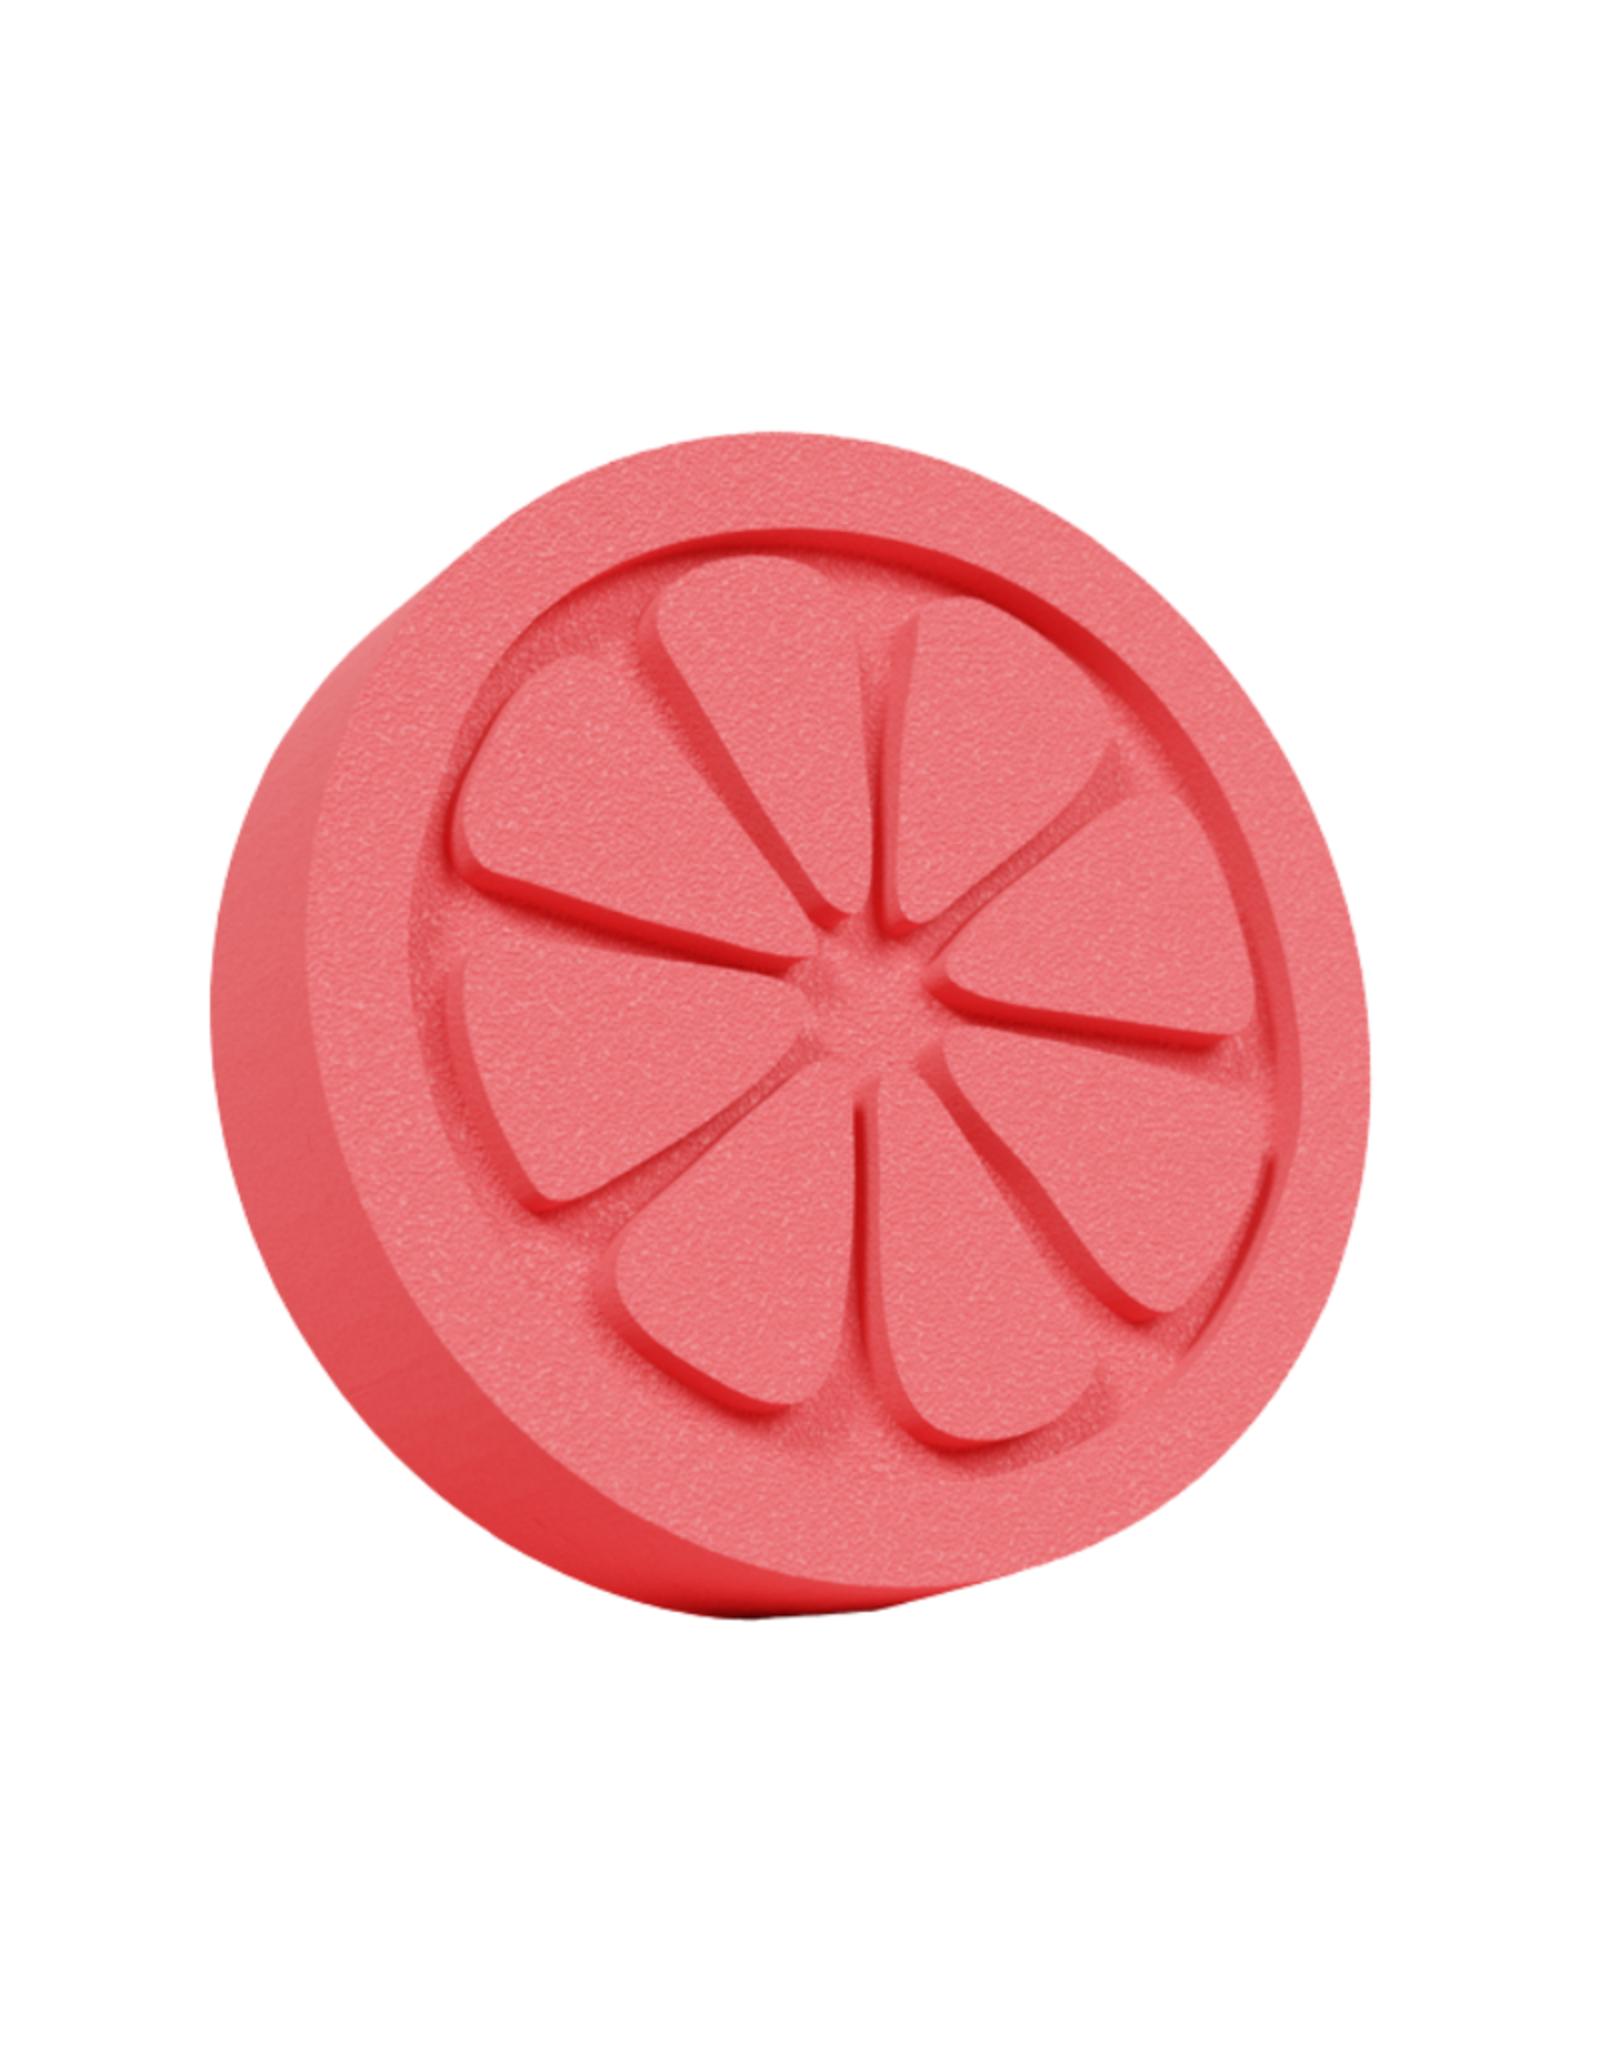 POSEIDN Cocktail 3D Pamplemousse & basilic (Gin)